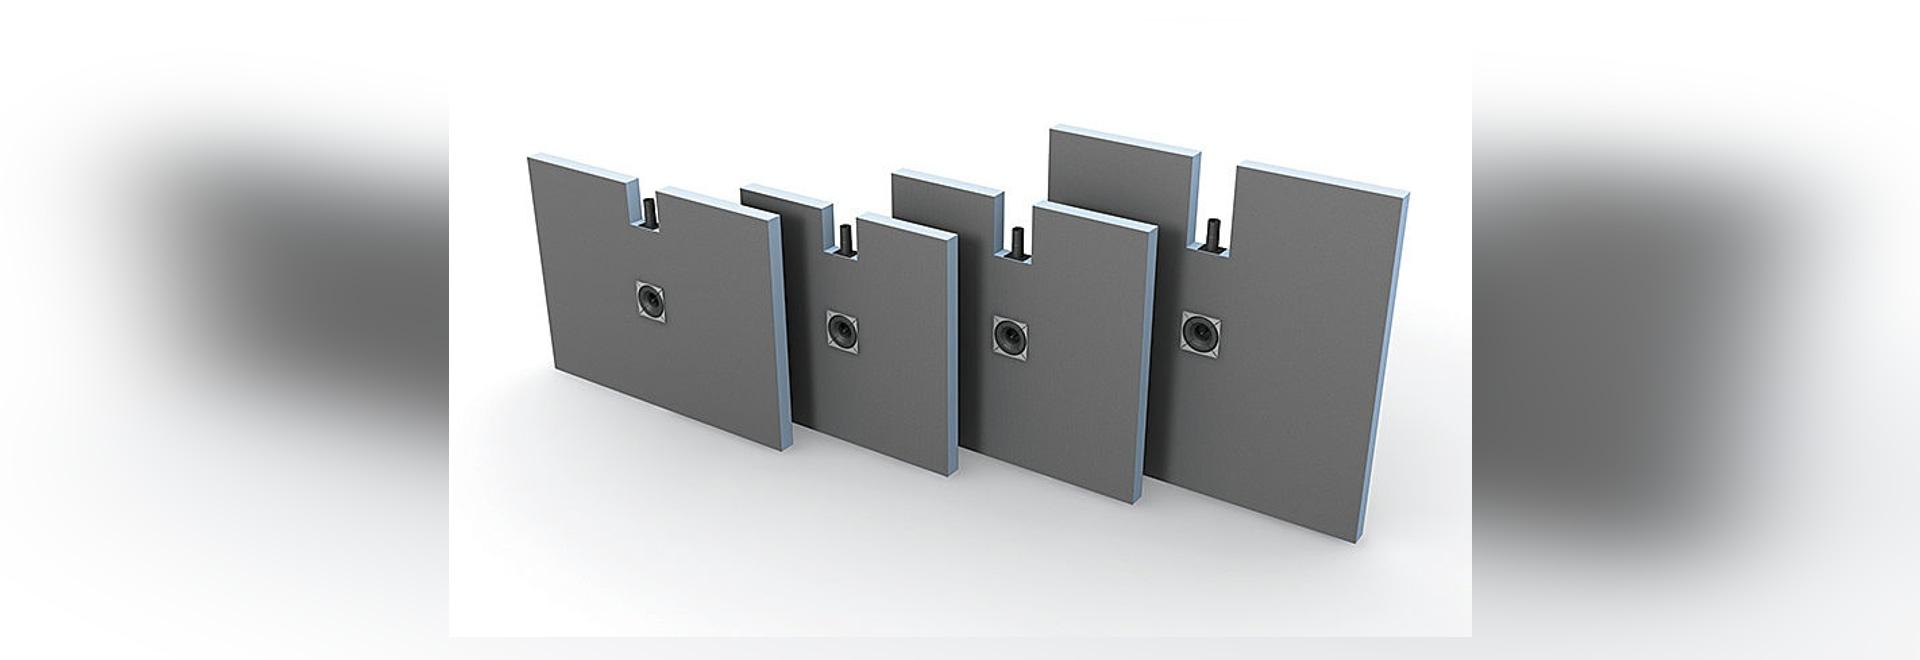 das flache komplettsystem für bodengleiche duschen von wedi - wedi gmbh